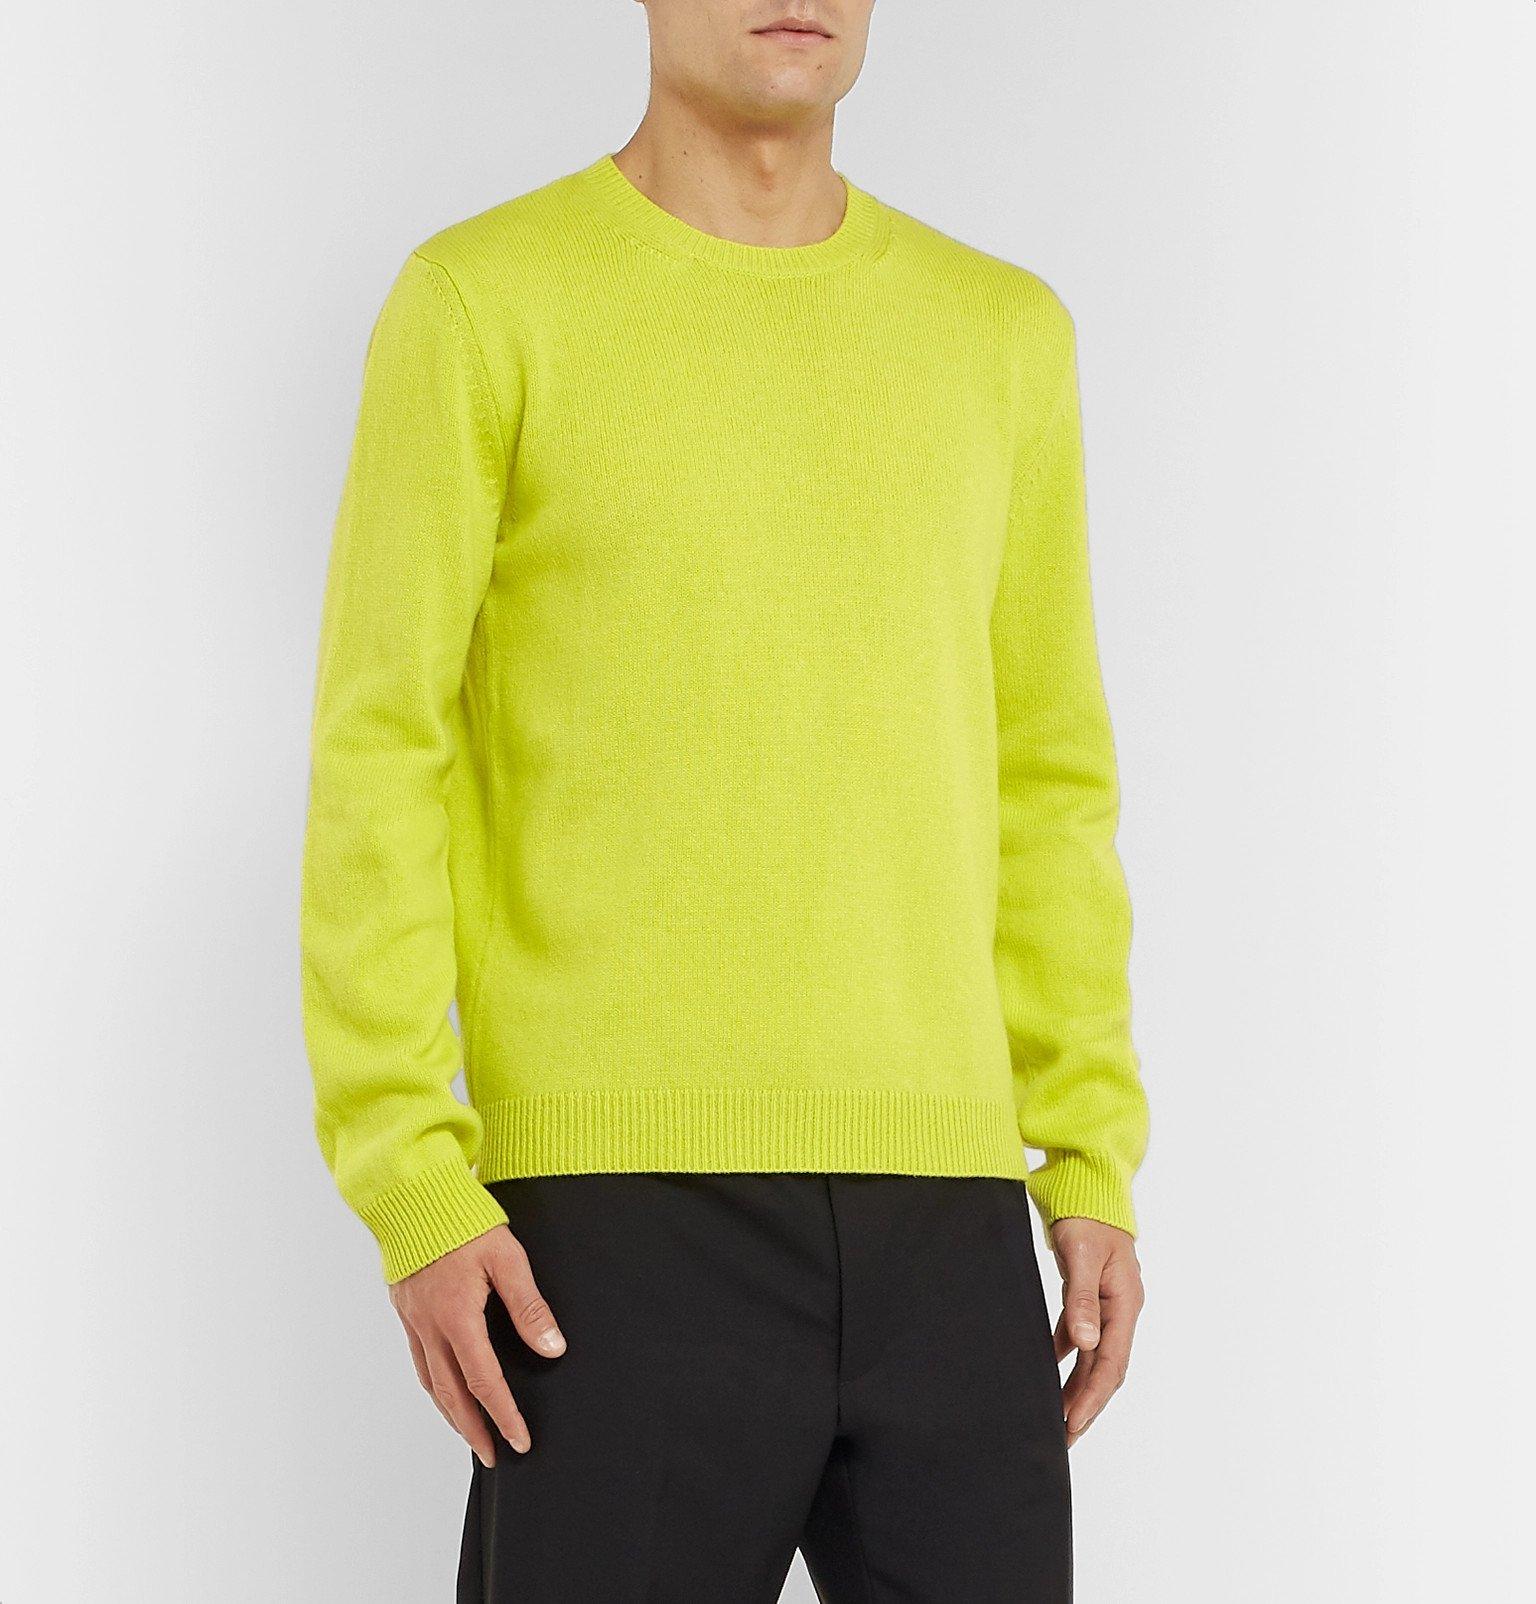 Valentino - Neon Cashmere Sweater - Yellow